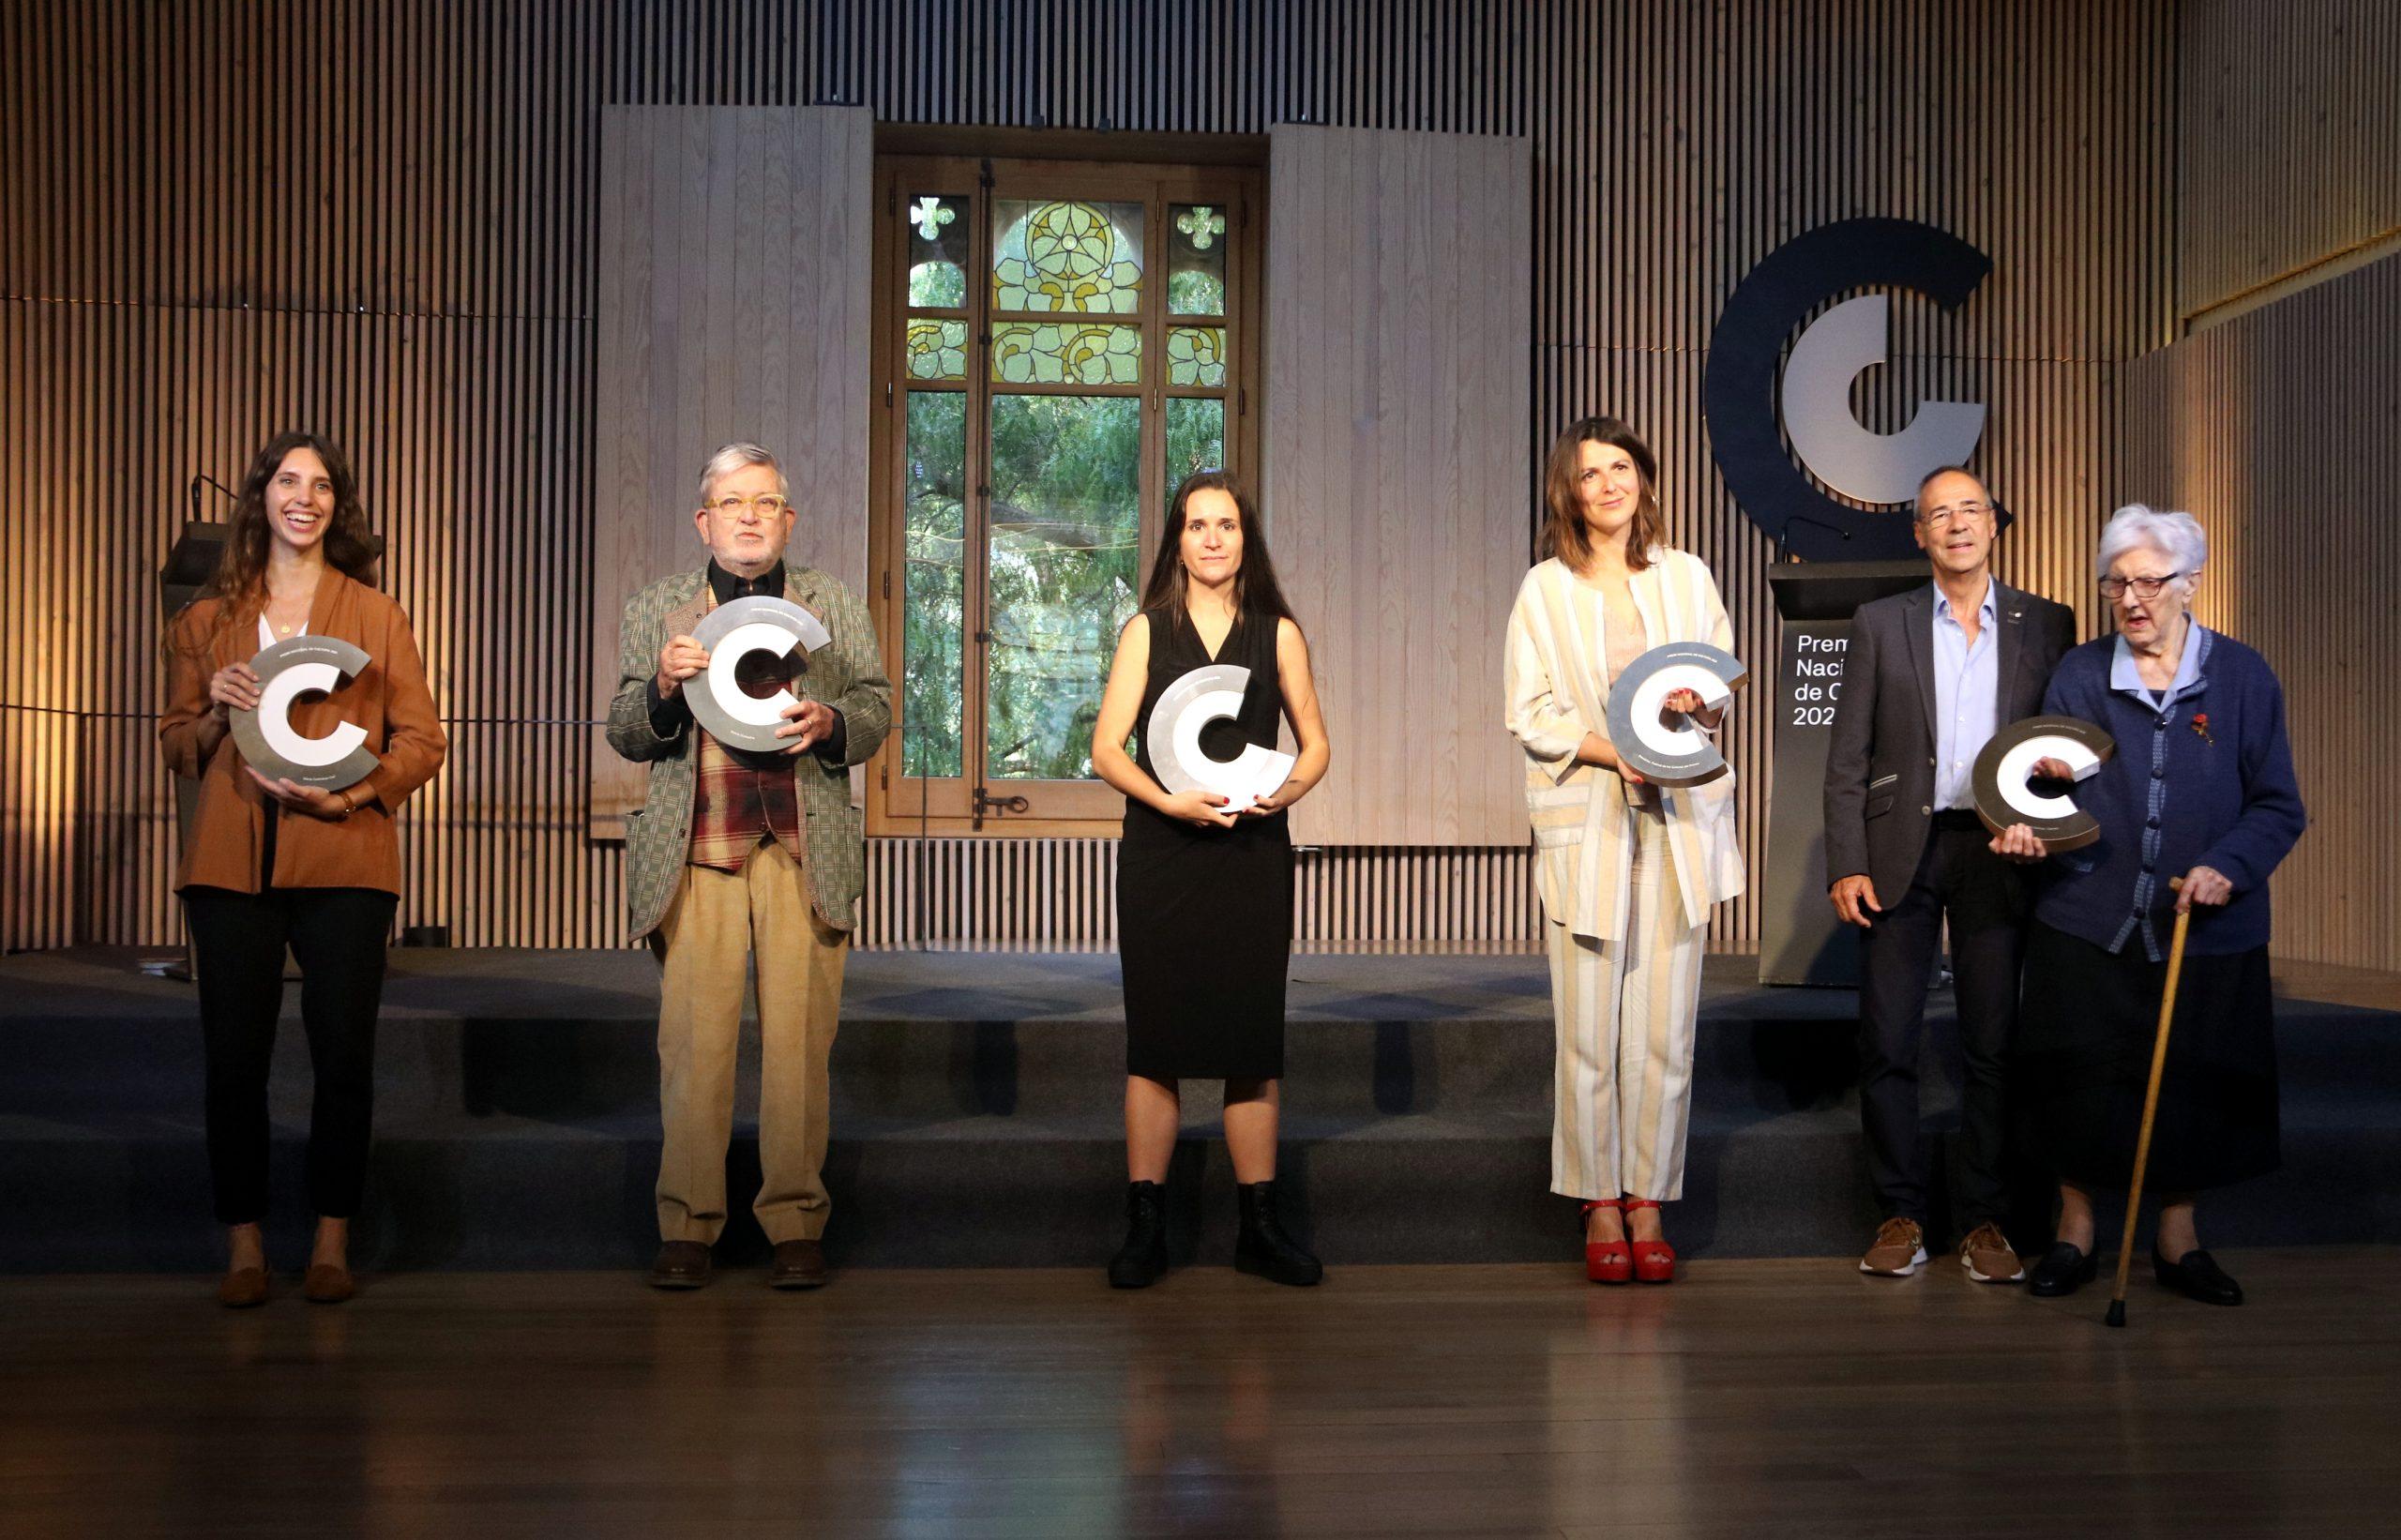 Els cinc Premis Nacionals de Cultura 2021, fotografiats al recinte modernista de Sant Pau aquest dijous 27 de maig | ACN